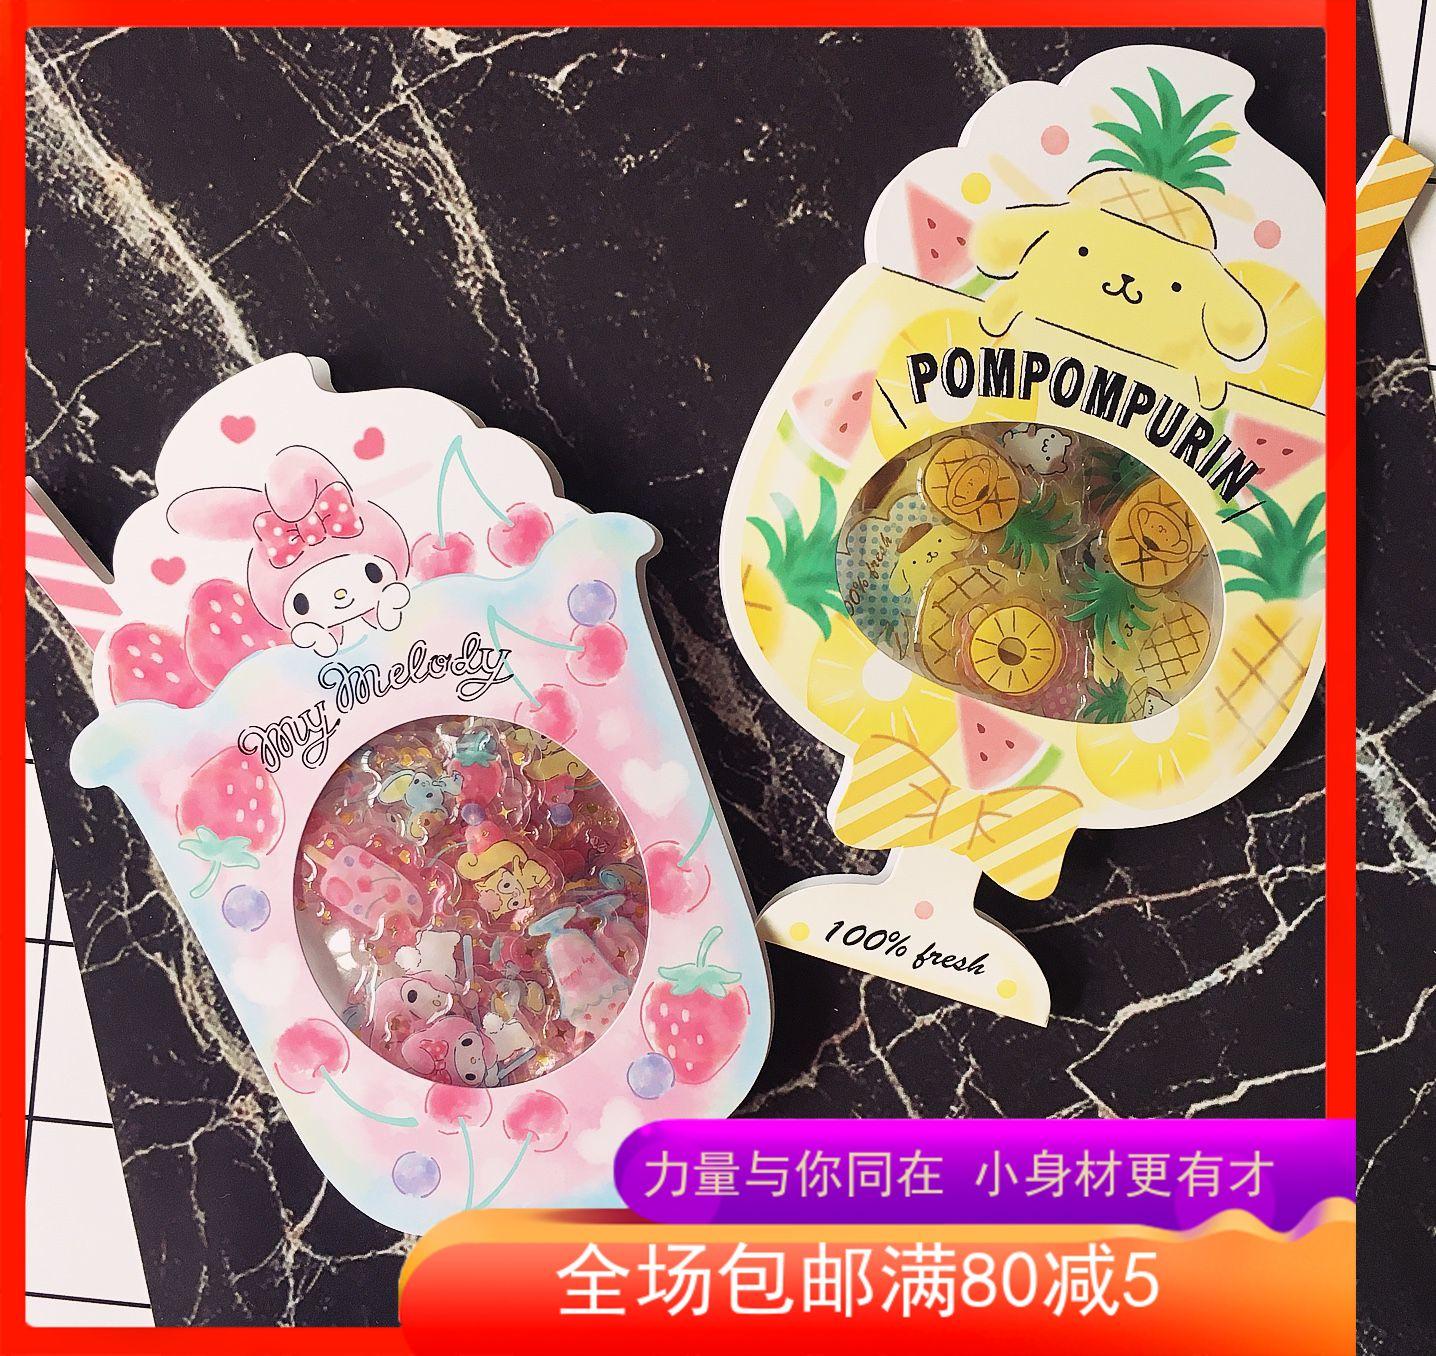 【买2送1】包邮手账贴纸日系卡通贴画烫金麦乐迪大耳狗双子手机贴